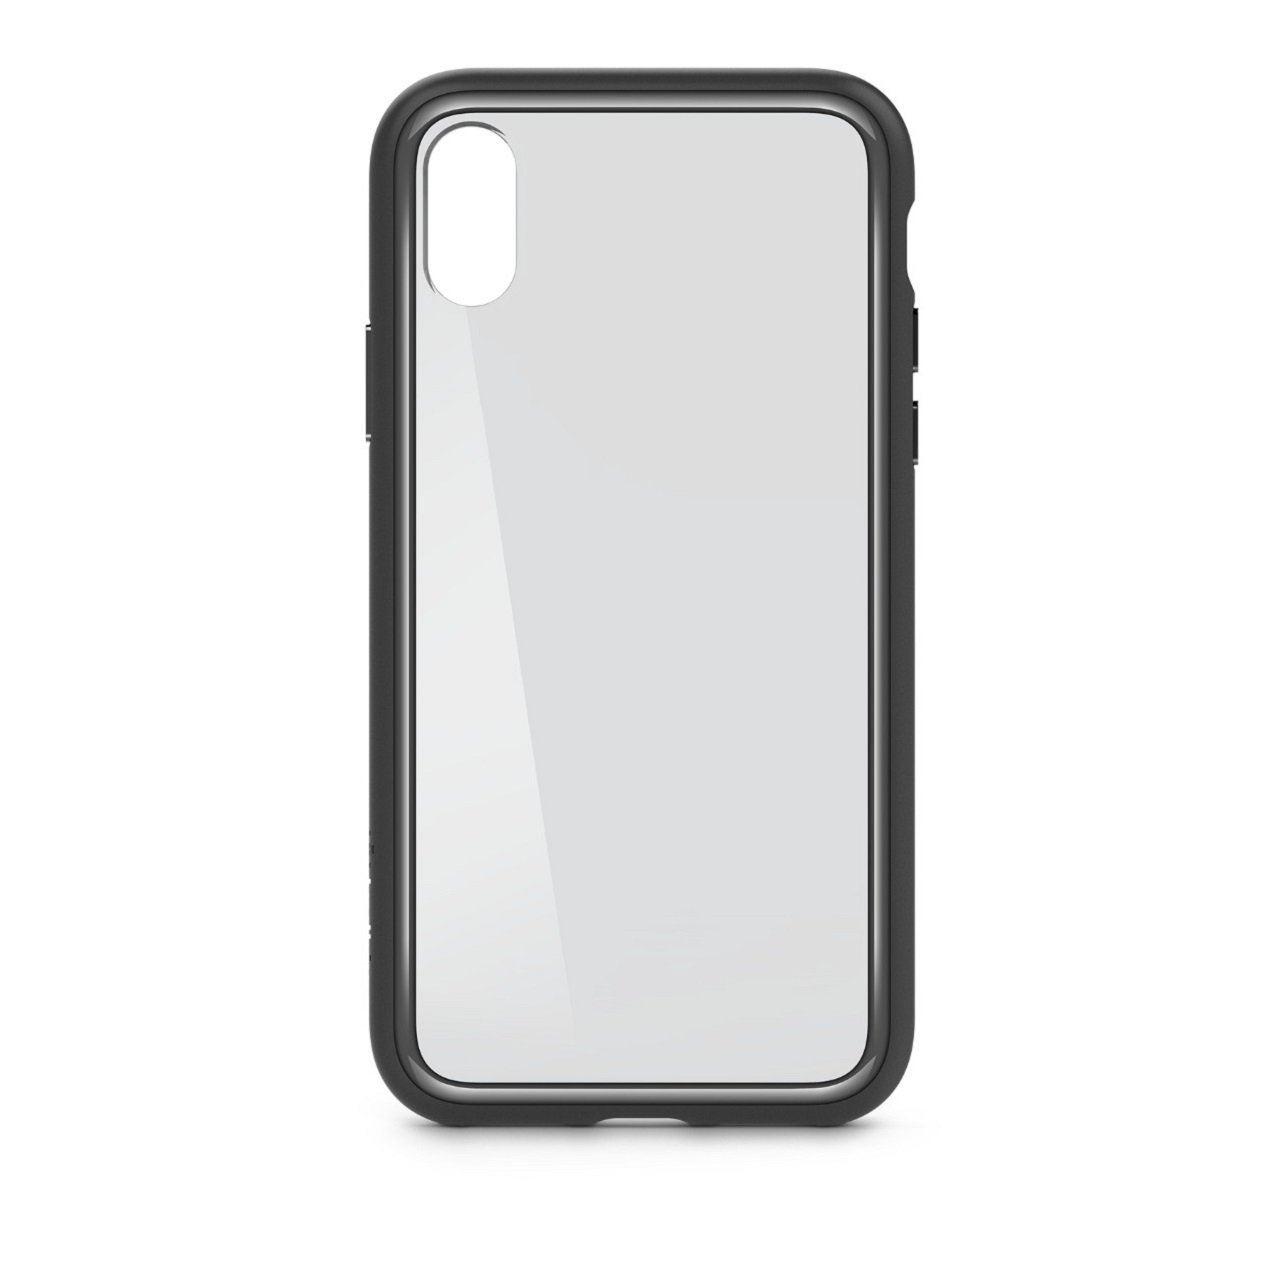 Indexbild 16 - Belkin sheerforce Elite Drop schützende resistente transparente Schutzhülle für iPhone x